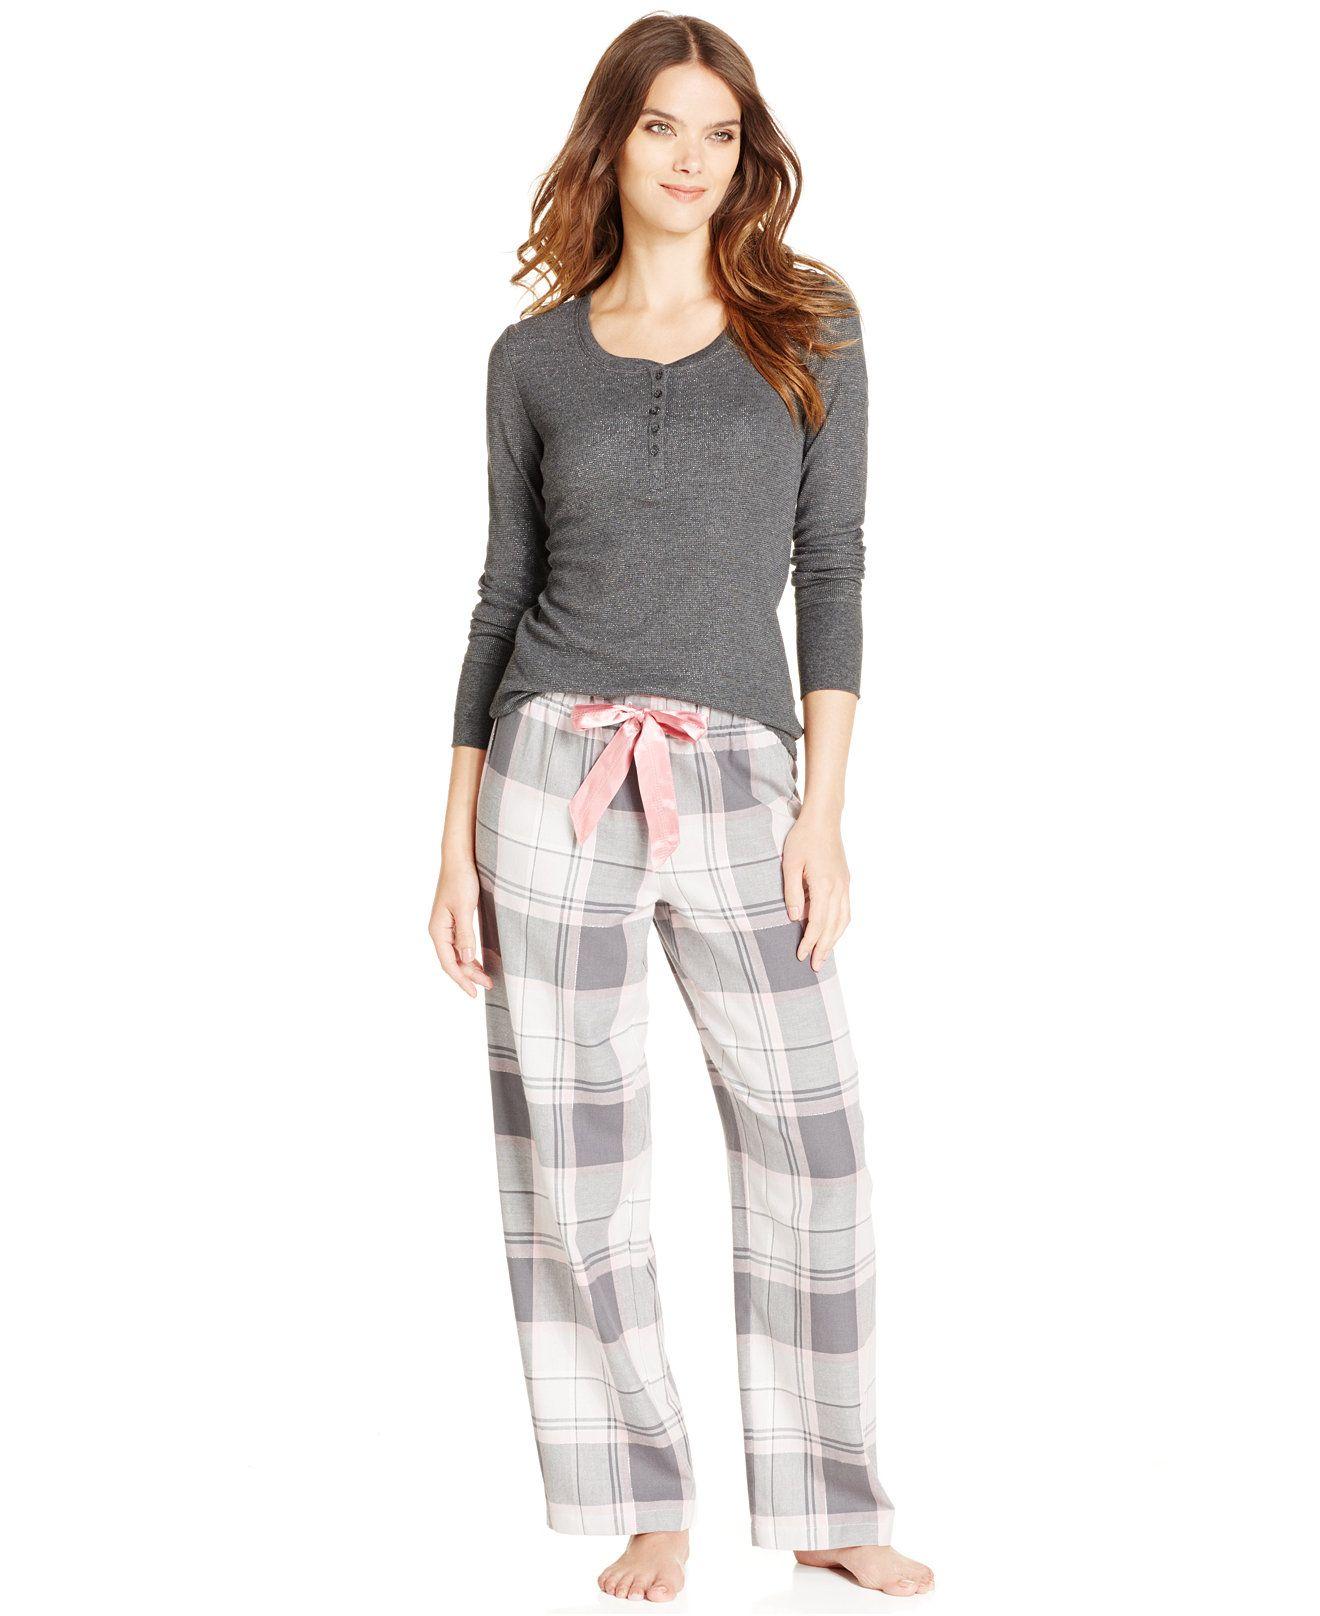 81049f8172 Alfani térmica Top y franela a cuadros pijama Pantalones - Todo Tienda  Pijamas y Batas - Mujer - Macy